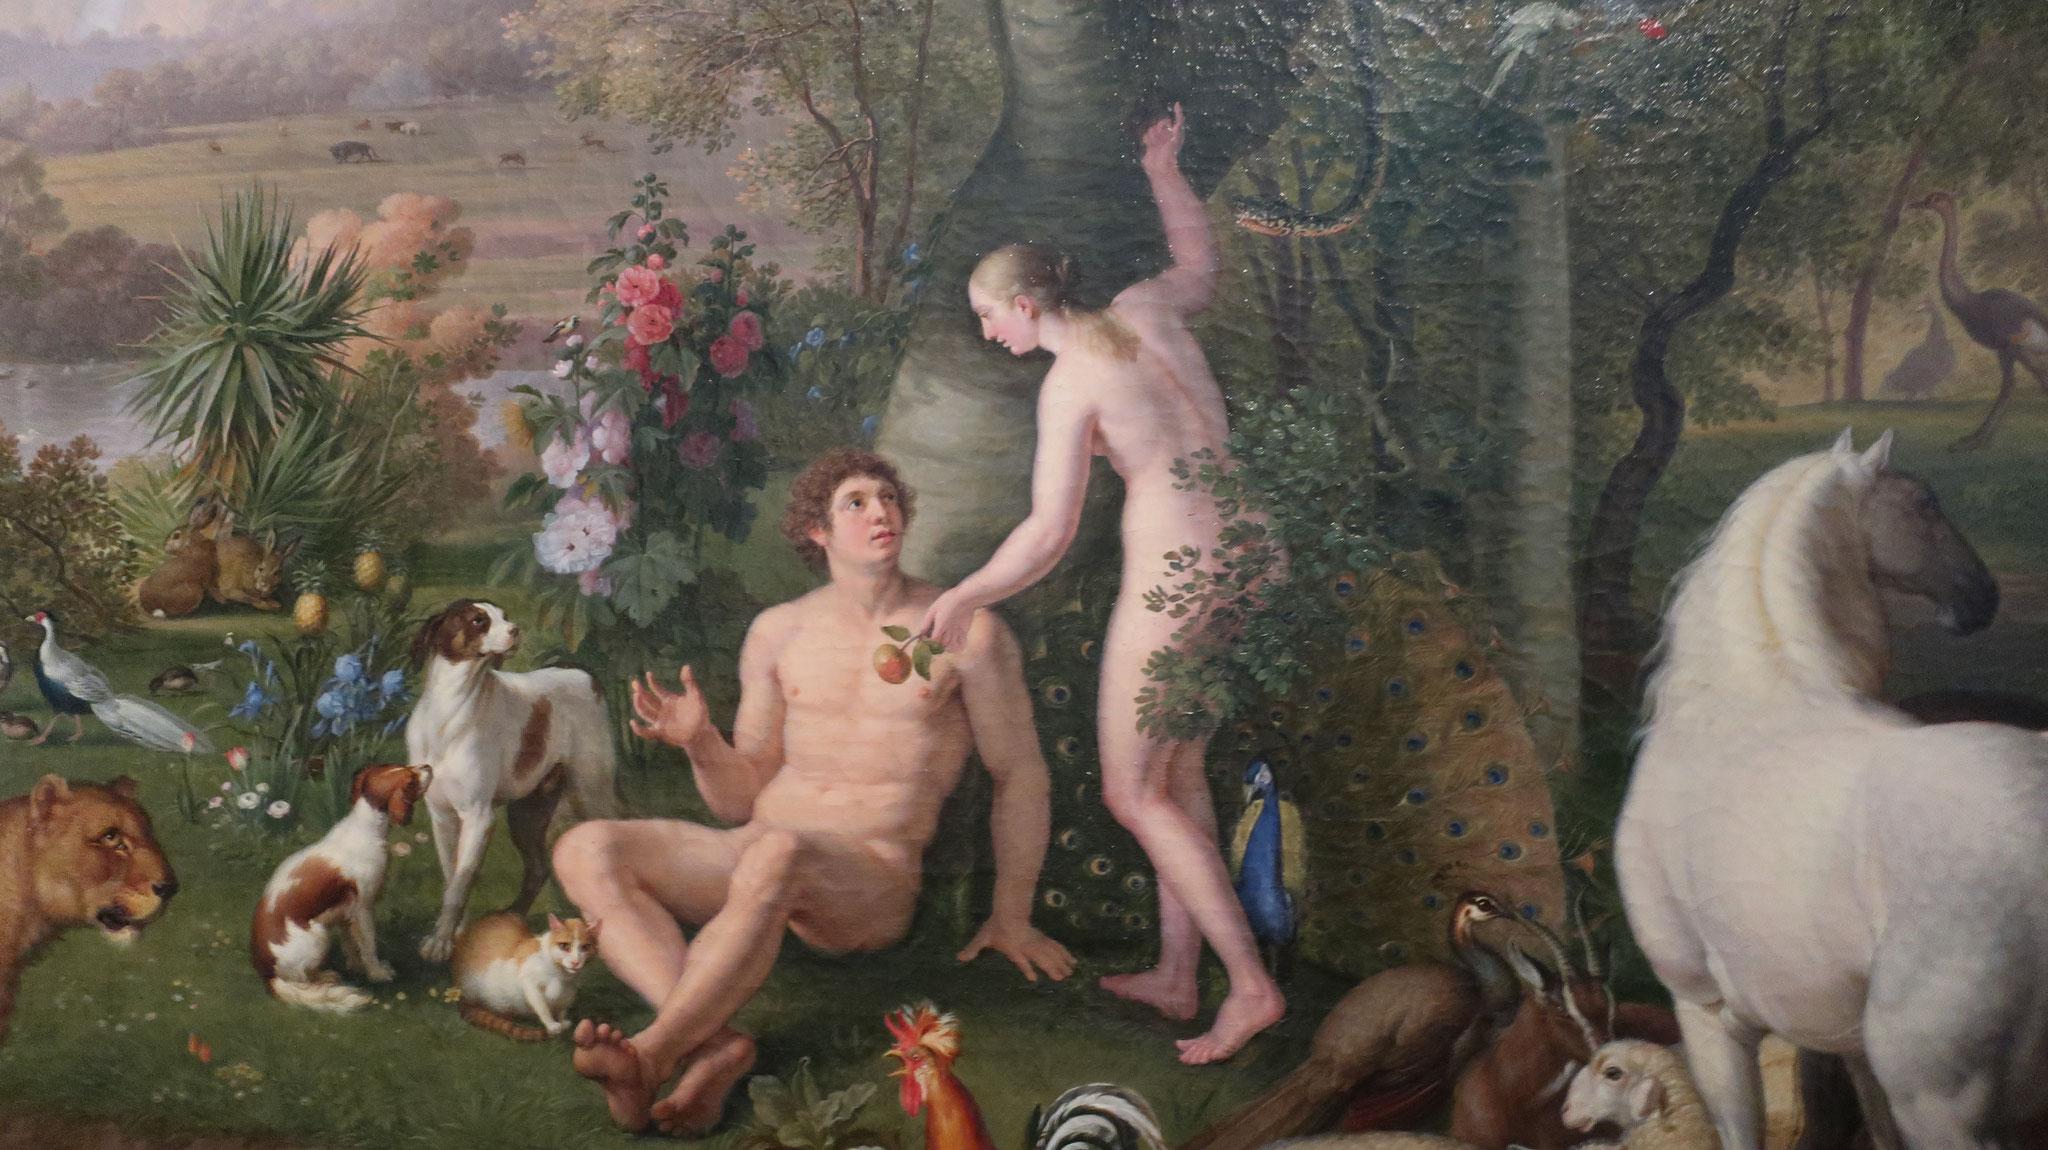 エデンの園のアダムとイブ。ウェンツェル・ペーター作。